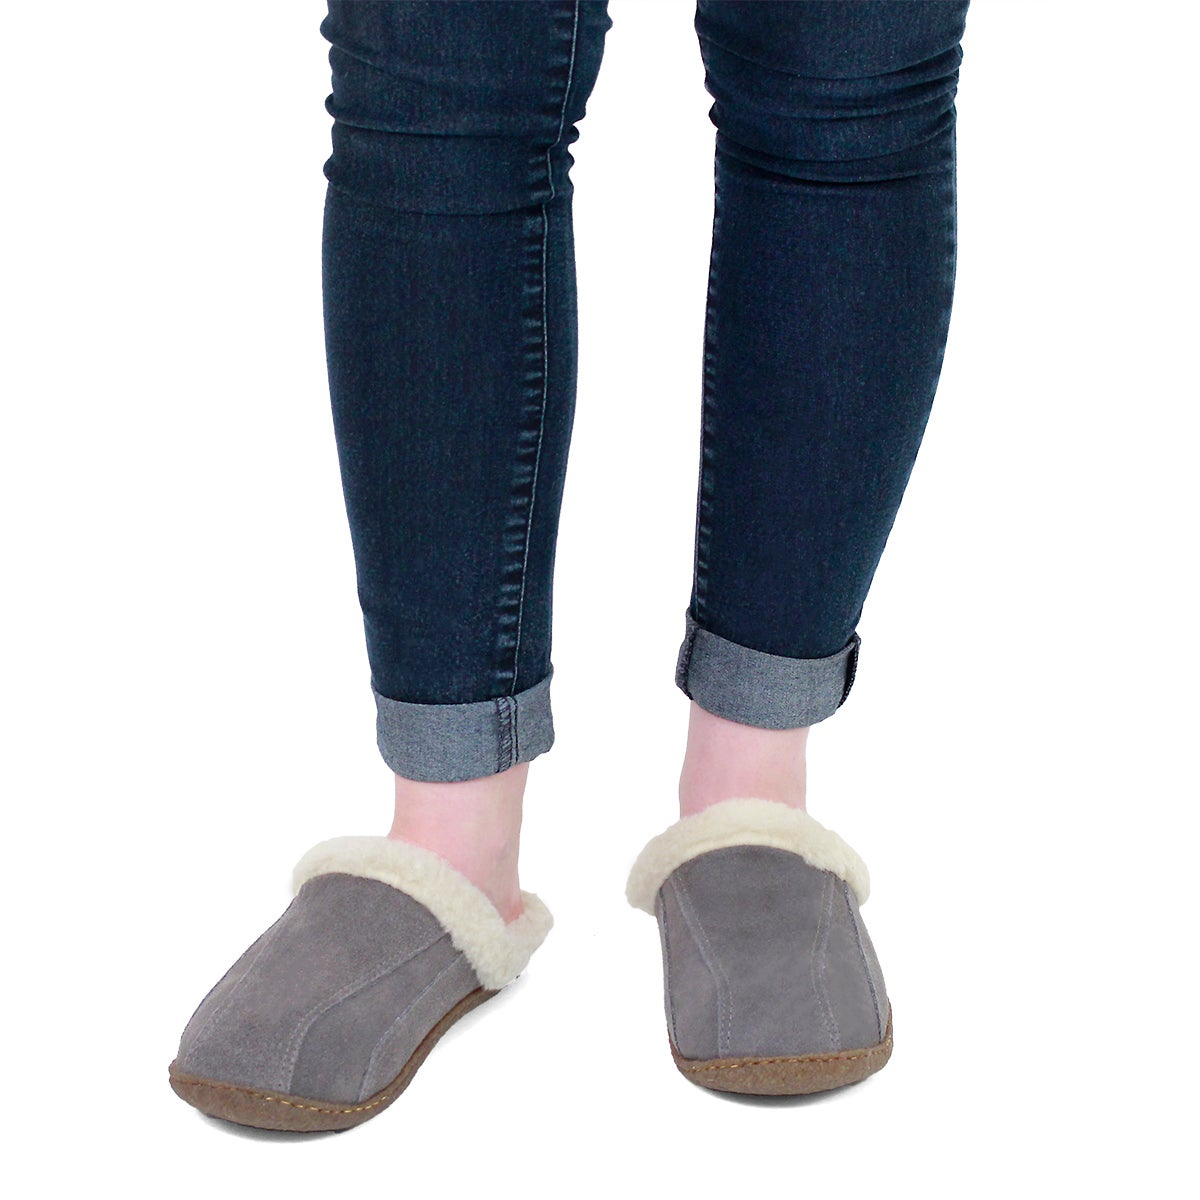 Lds Galaxie III grey open back slipper